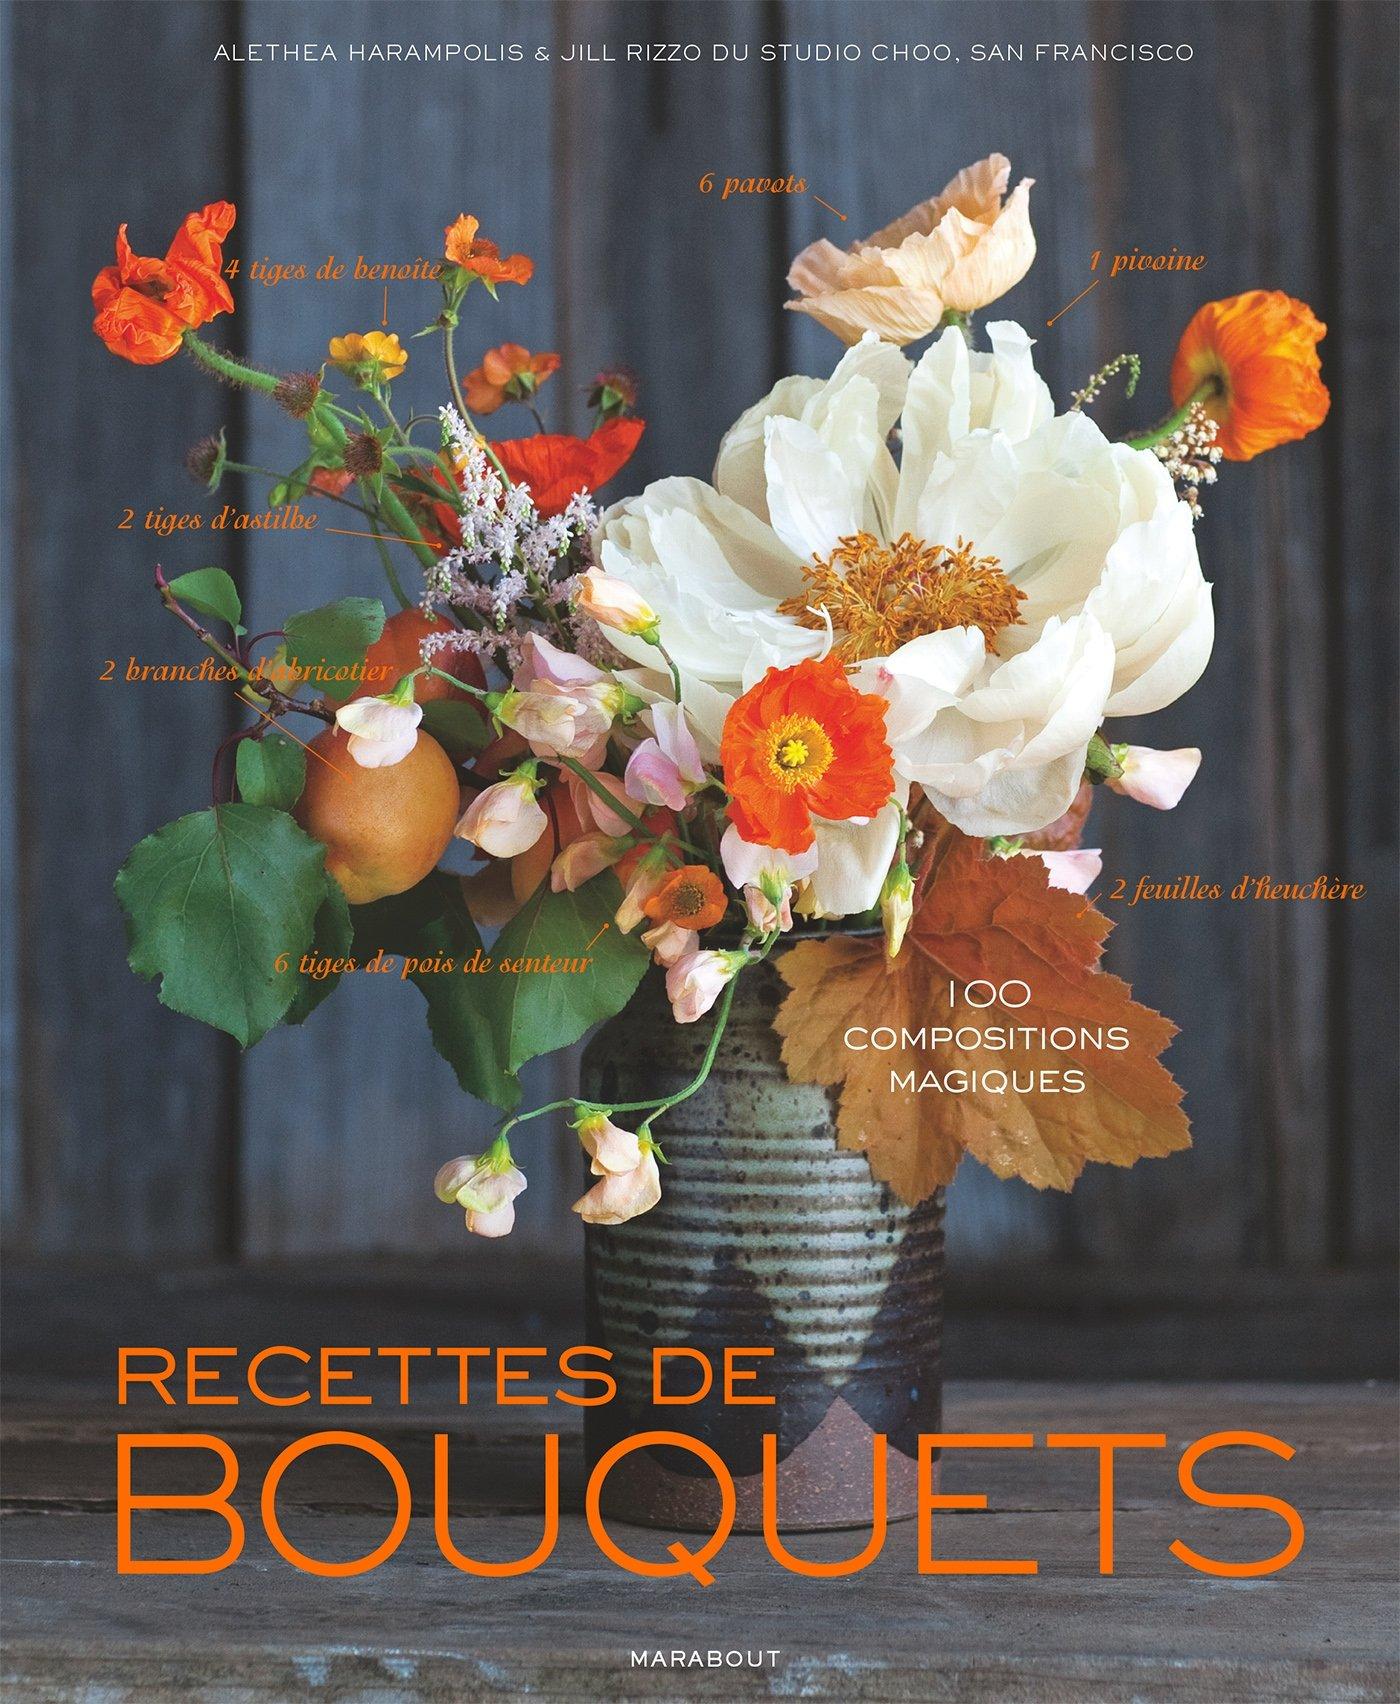 Recettes de bouquets: 100 compositions magiques Relié – 16 avril 2014 Alethea Harampolis Jill Rizzo Marabout 2501093690